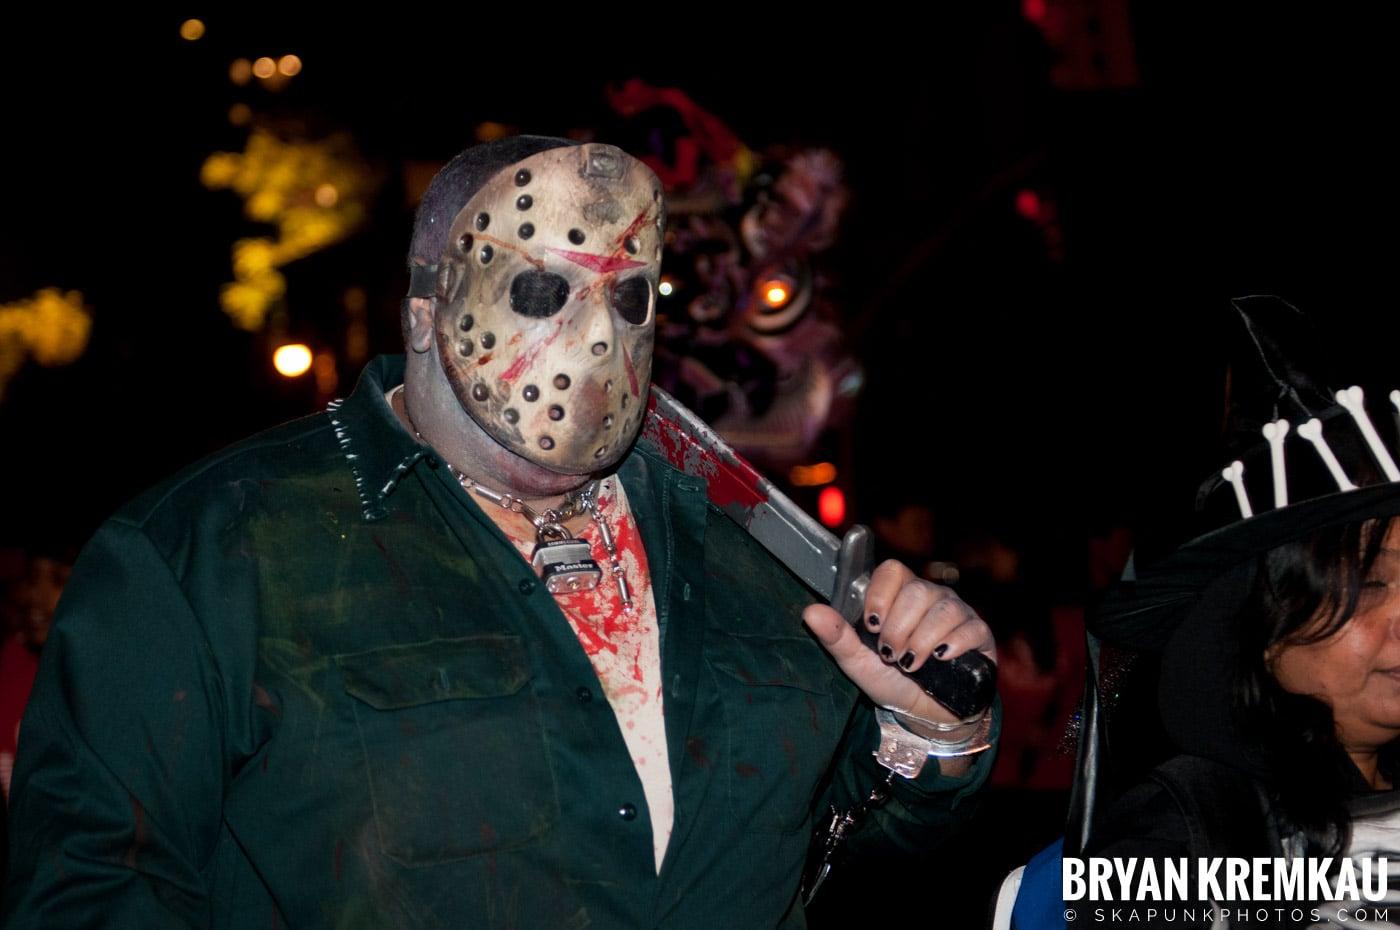 NYC Halloween Parade 2011 @ New York, NY - 10.31.11 (73)